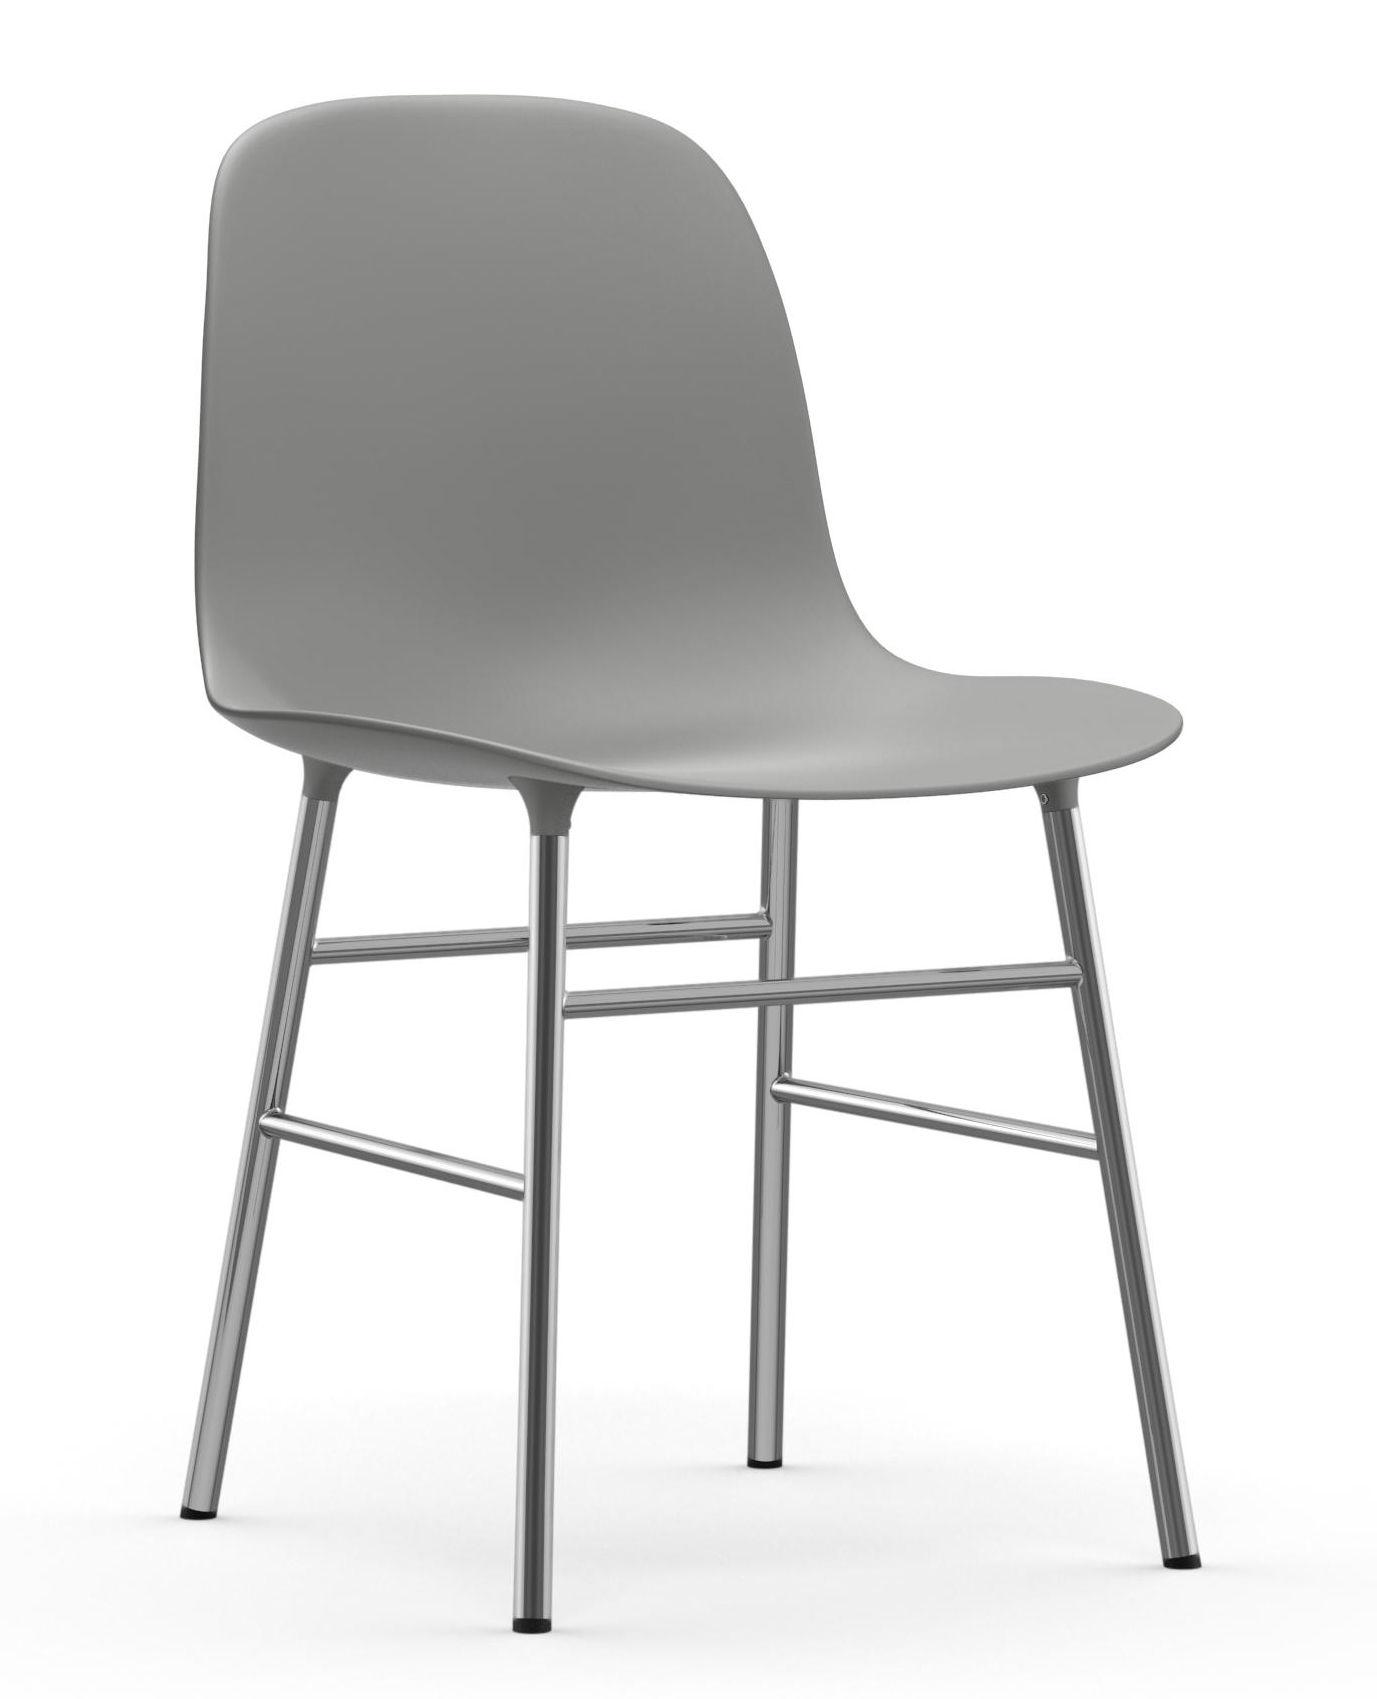 Mobilier - Chaises, fauteuils de salle à manger - Chaise Form / Pied chromé - Normann Copenhagen - Gris - Acier chromé, Polypropylène